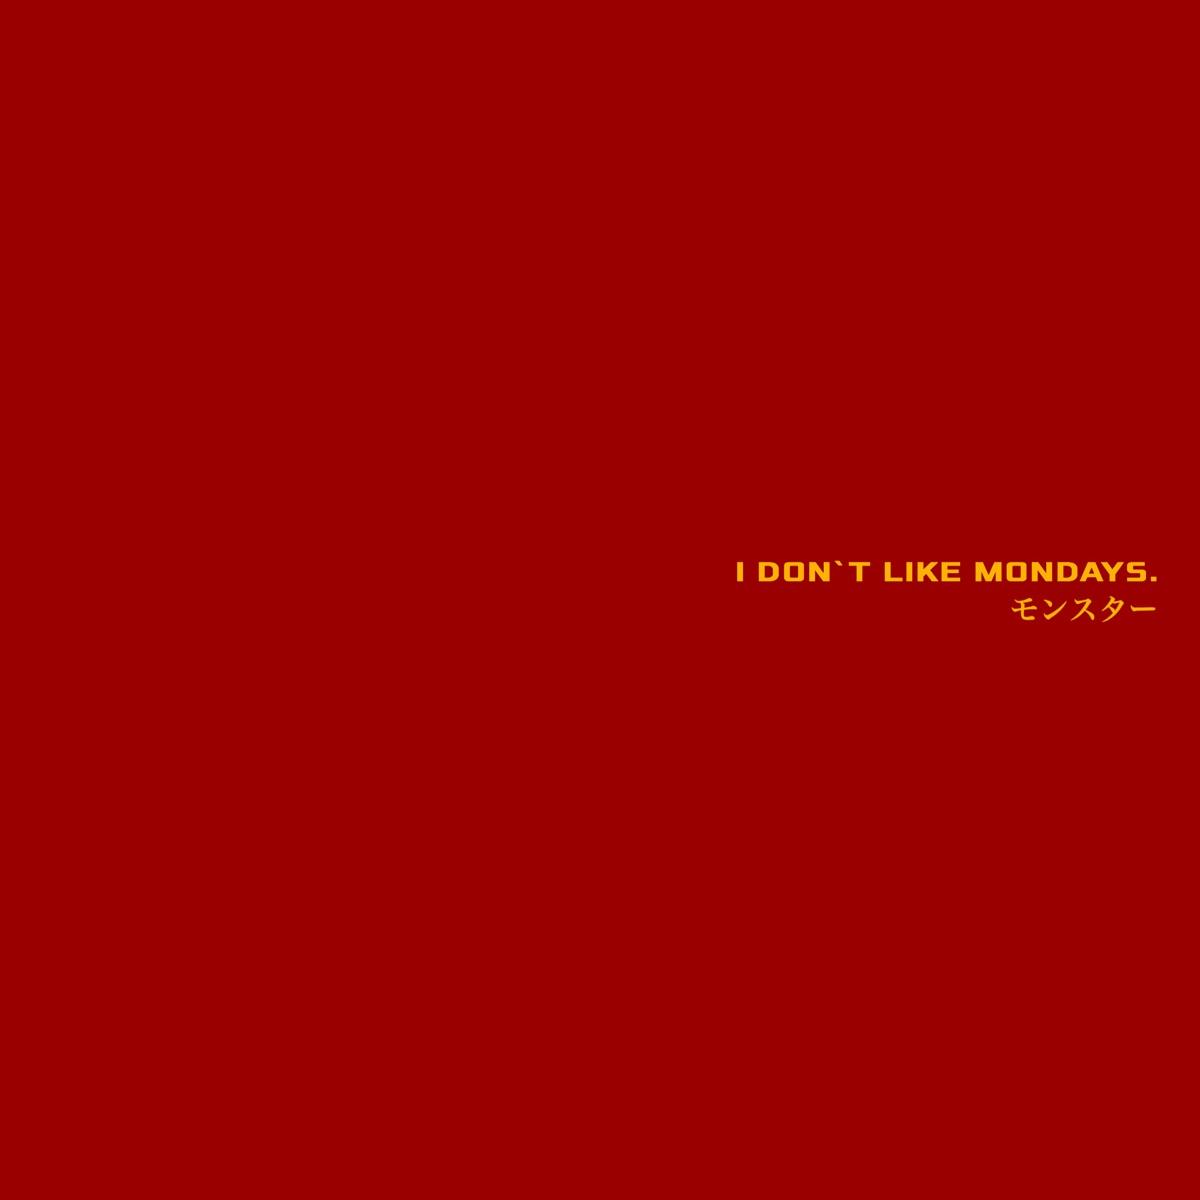 『I Don't Like Mondays. - モンスター』収録の『モンスター』ジャケット